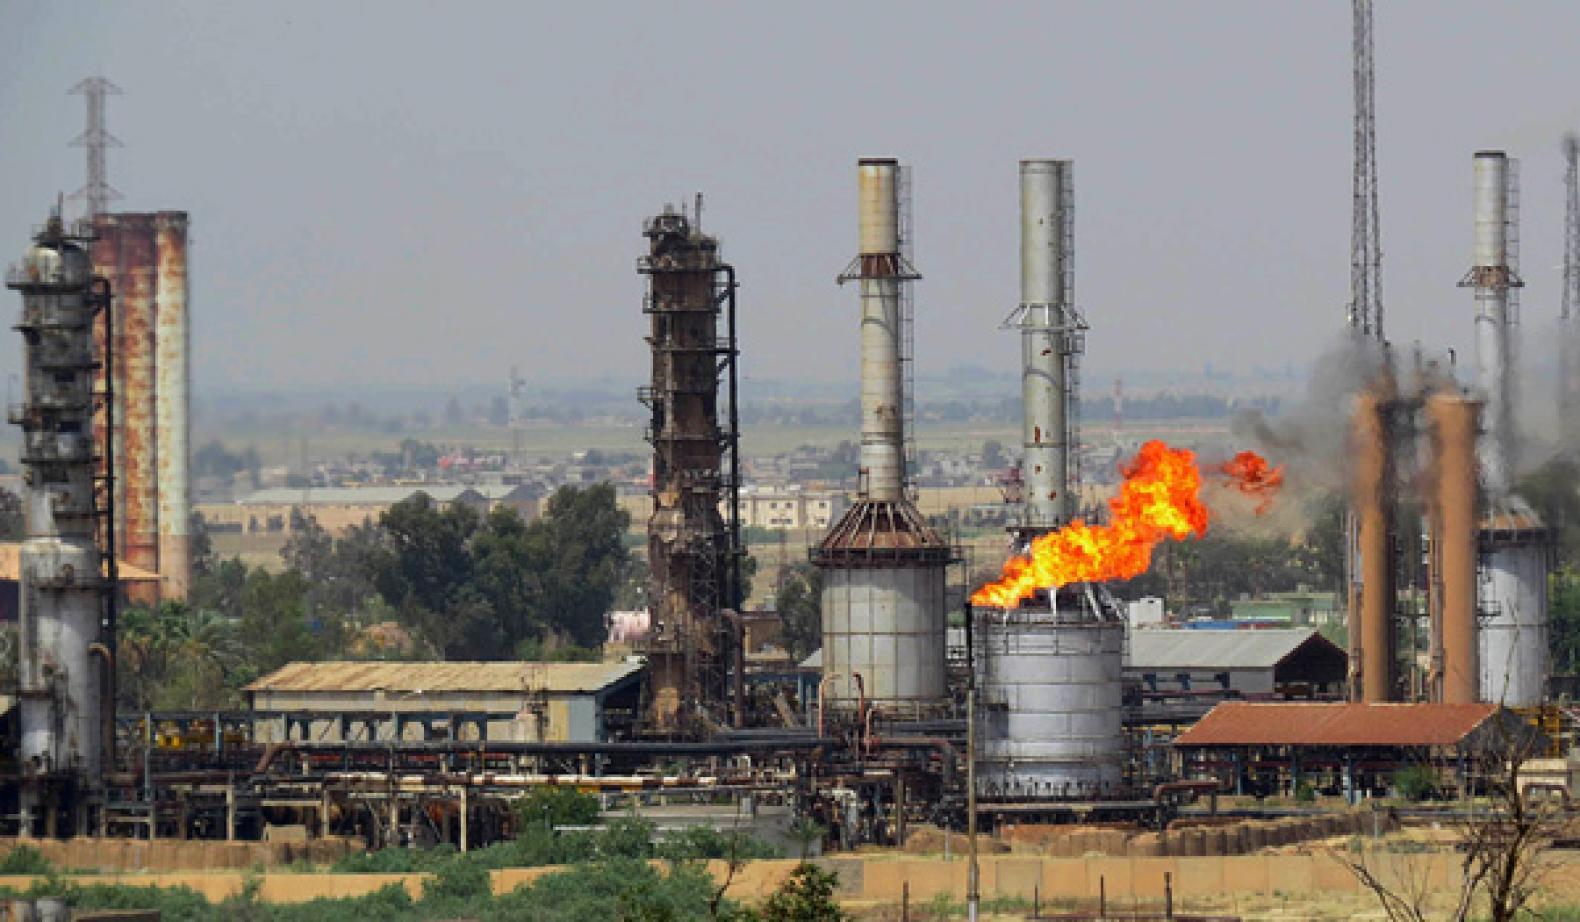 بريتش بتروليوم تتفق مع بغداد لتعزيز القدرة الانتاجية لحقول كركوك